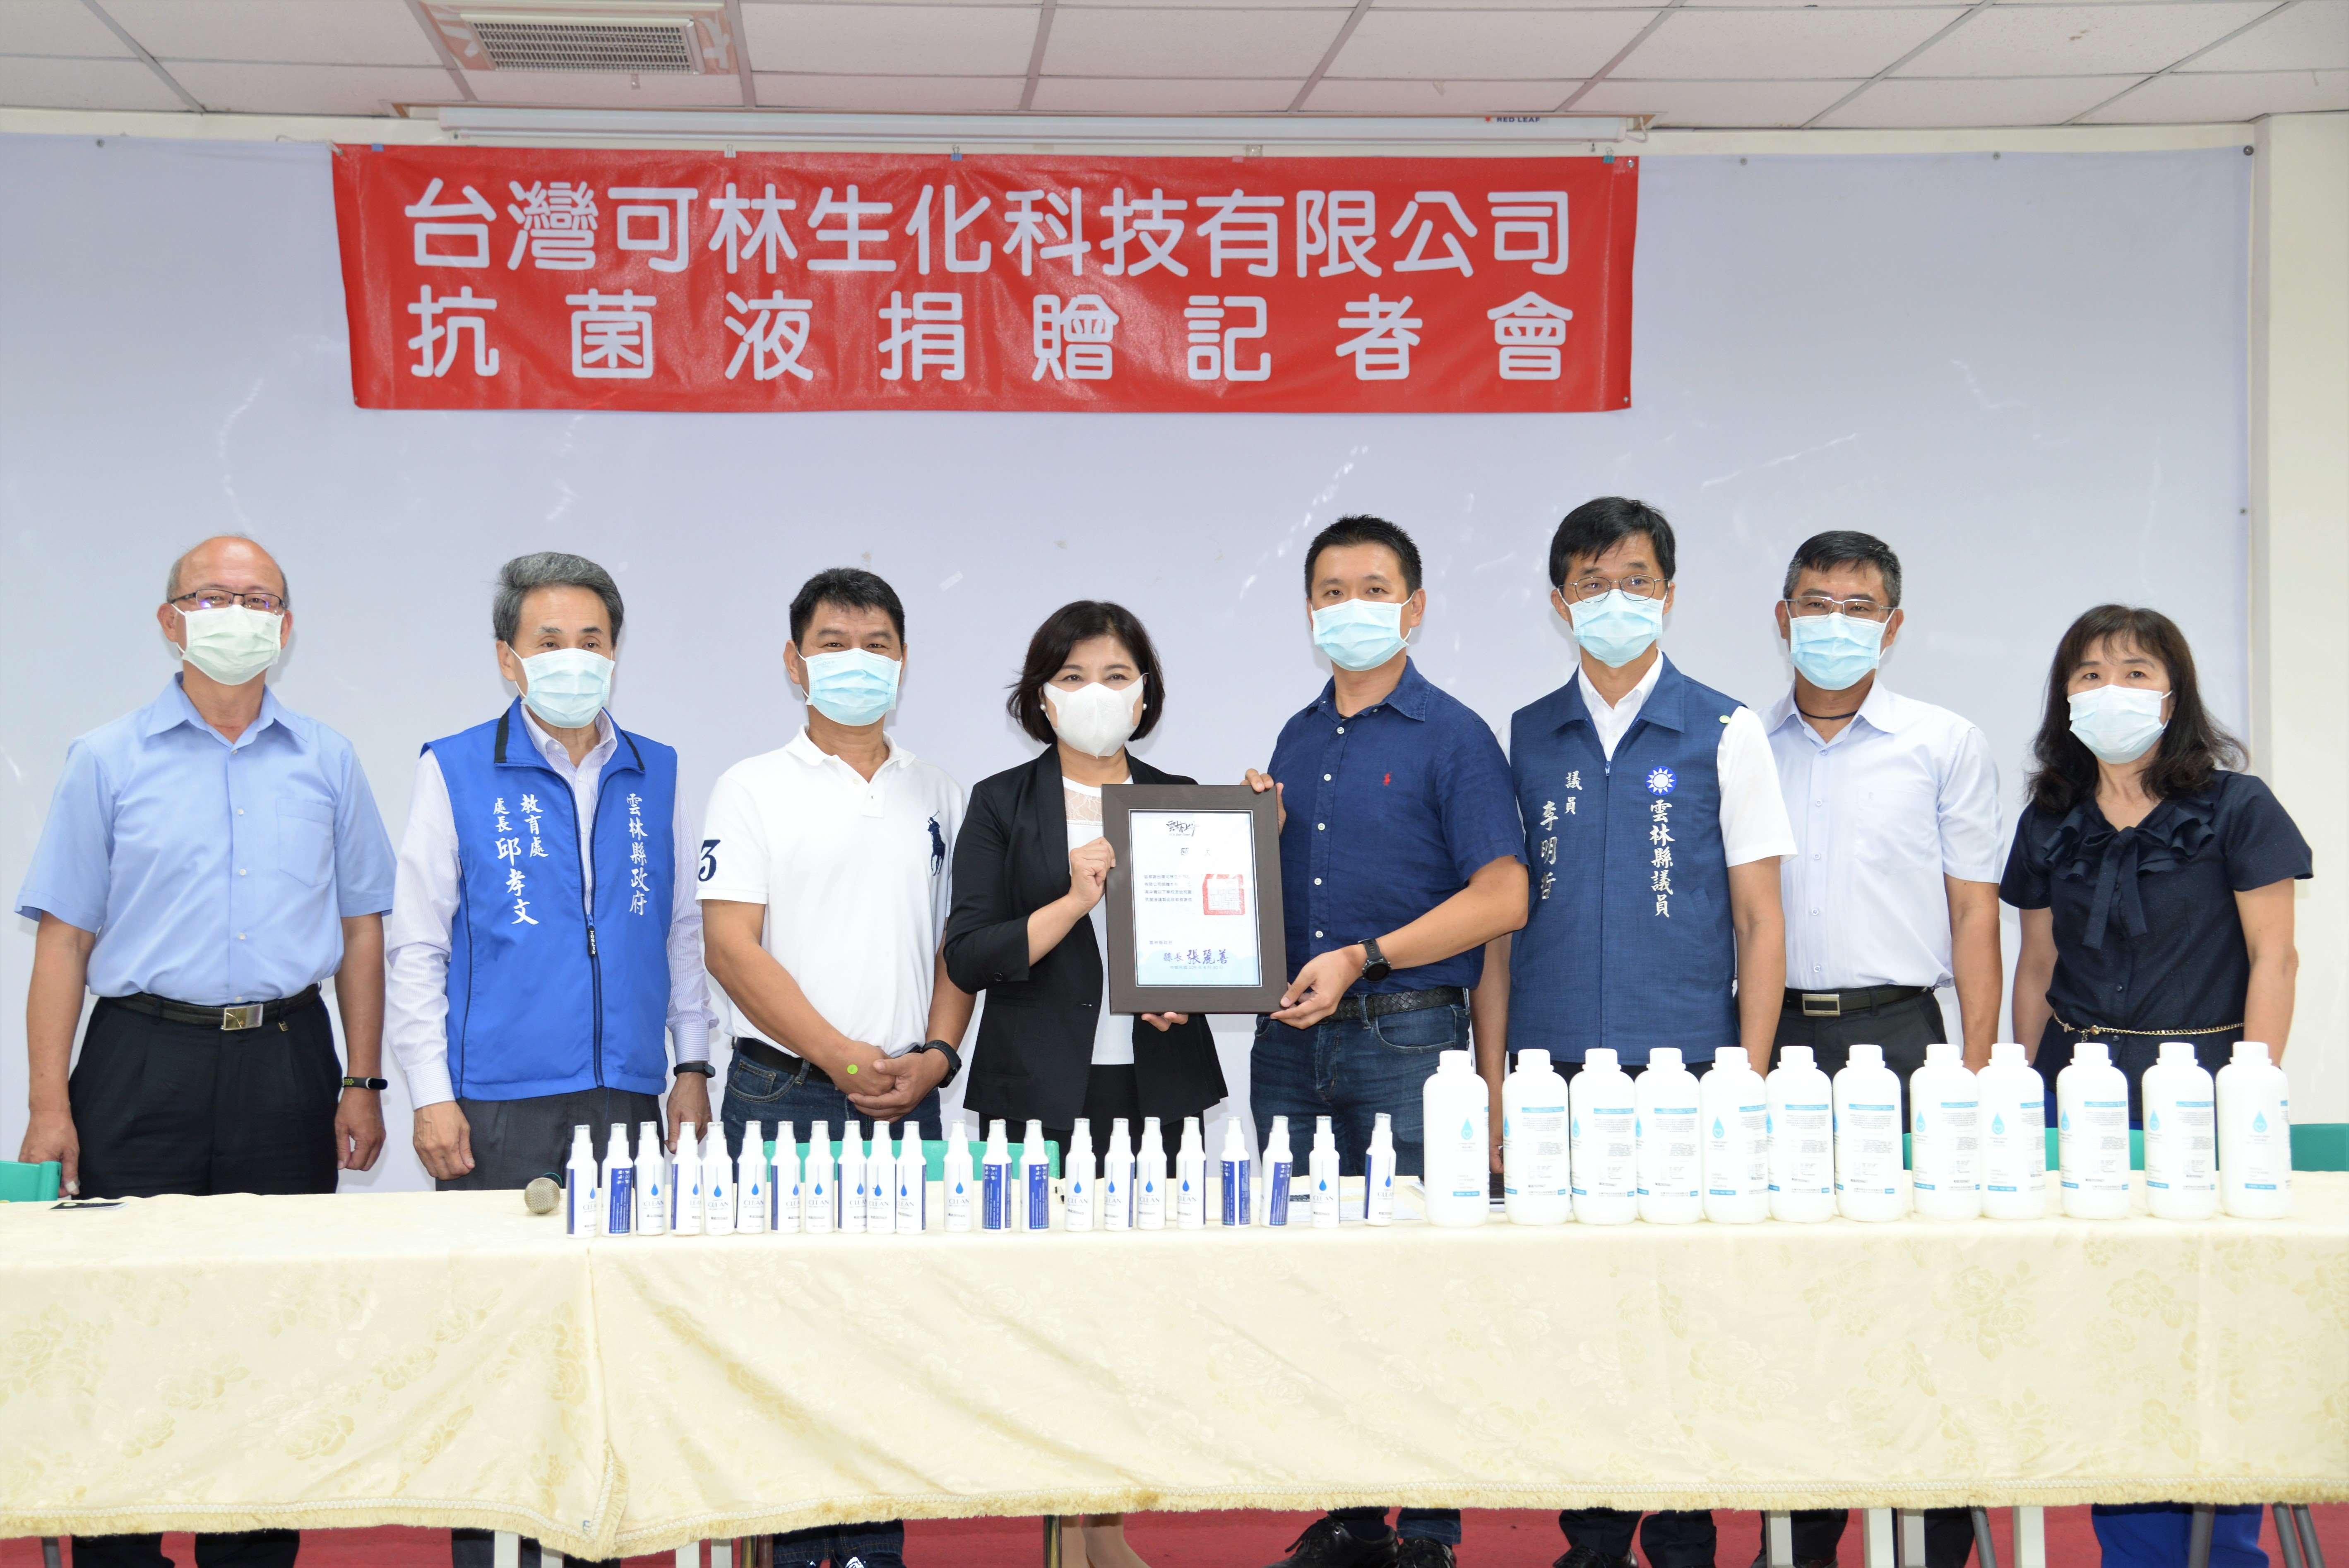 雲林縣長張麗善親自頒發感謝狀予台灣可林生化科技有限公司。